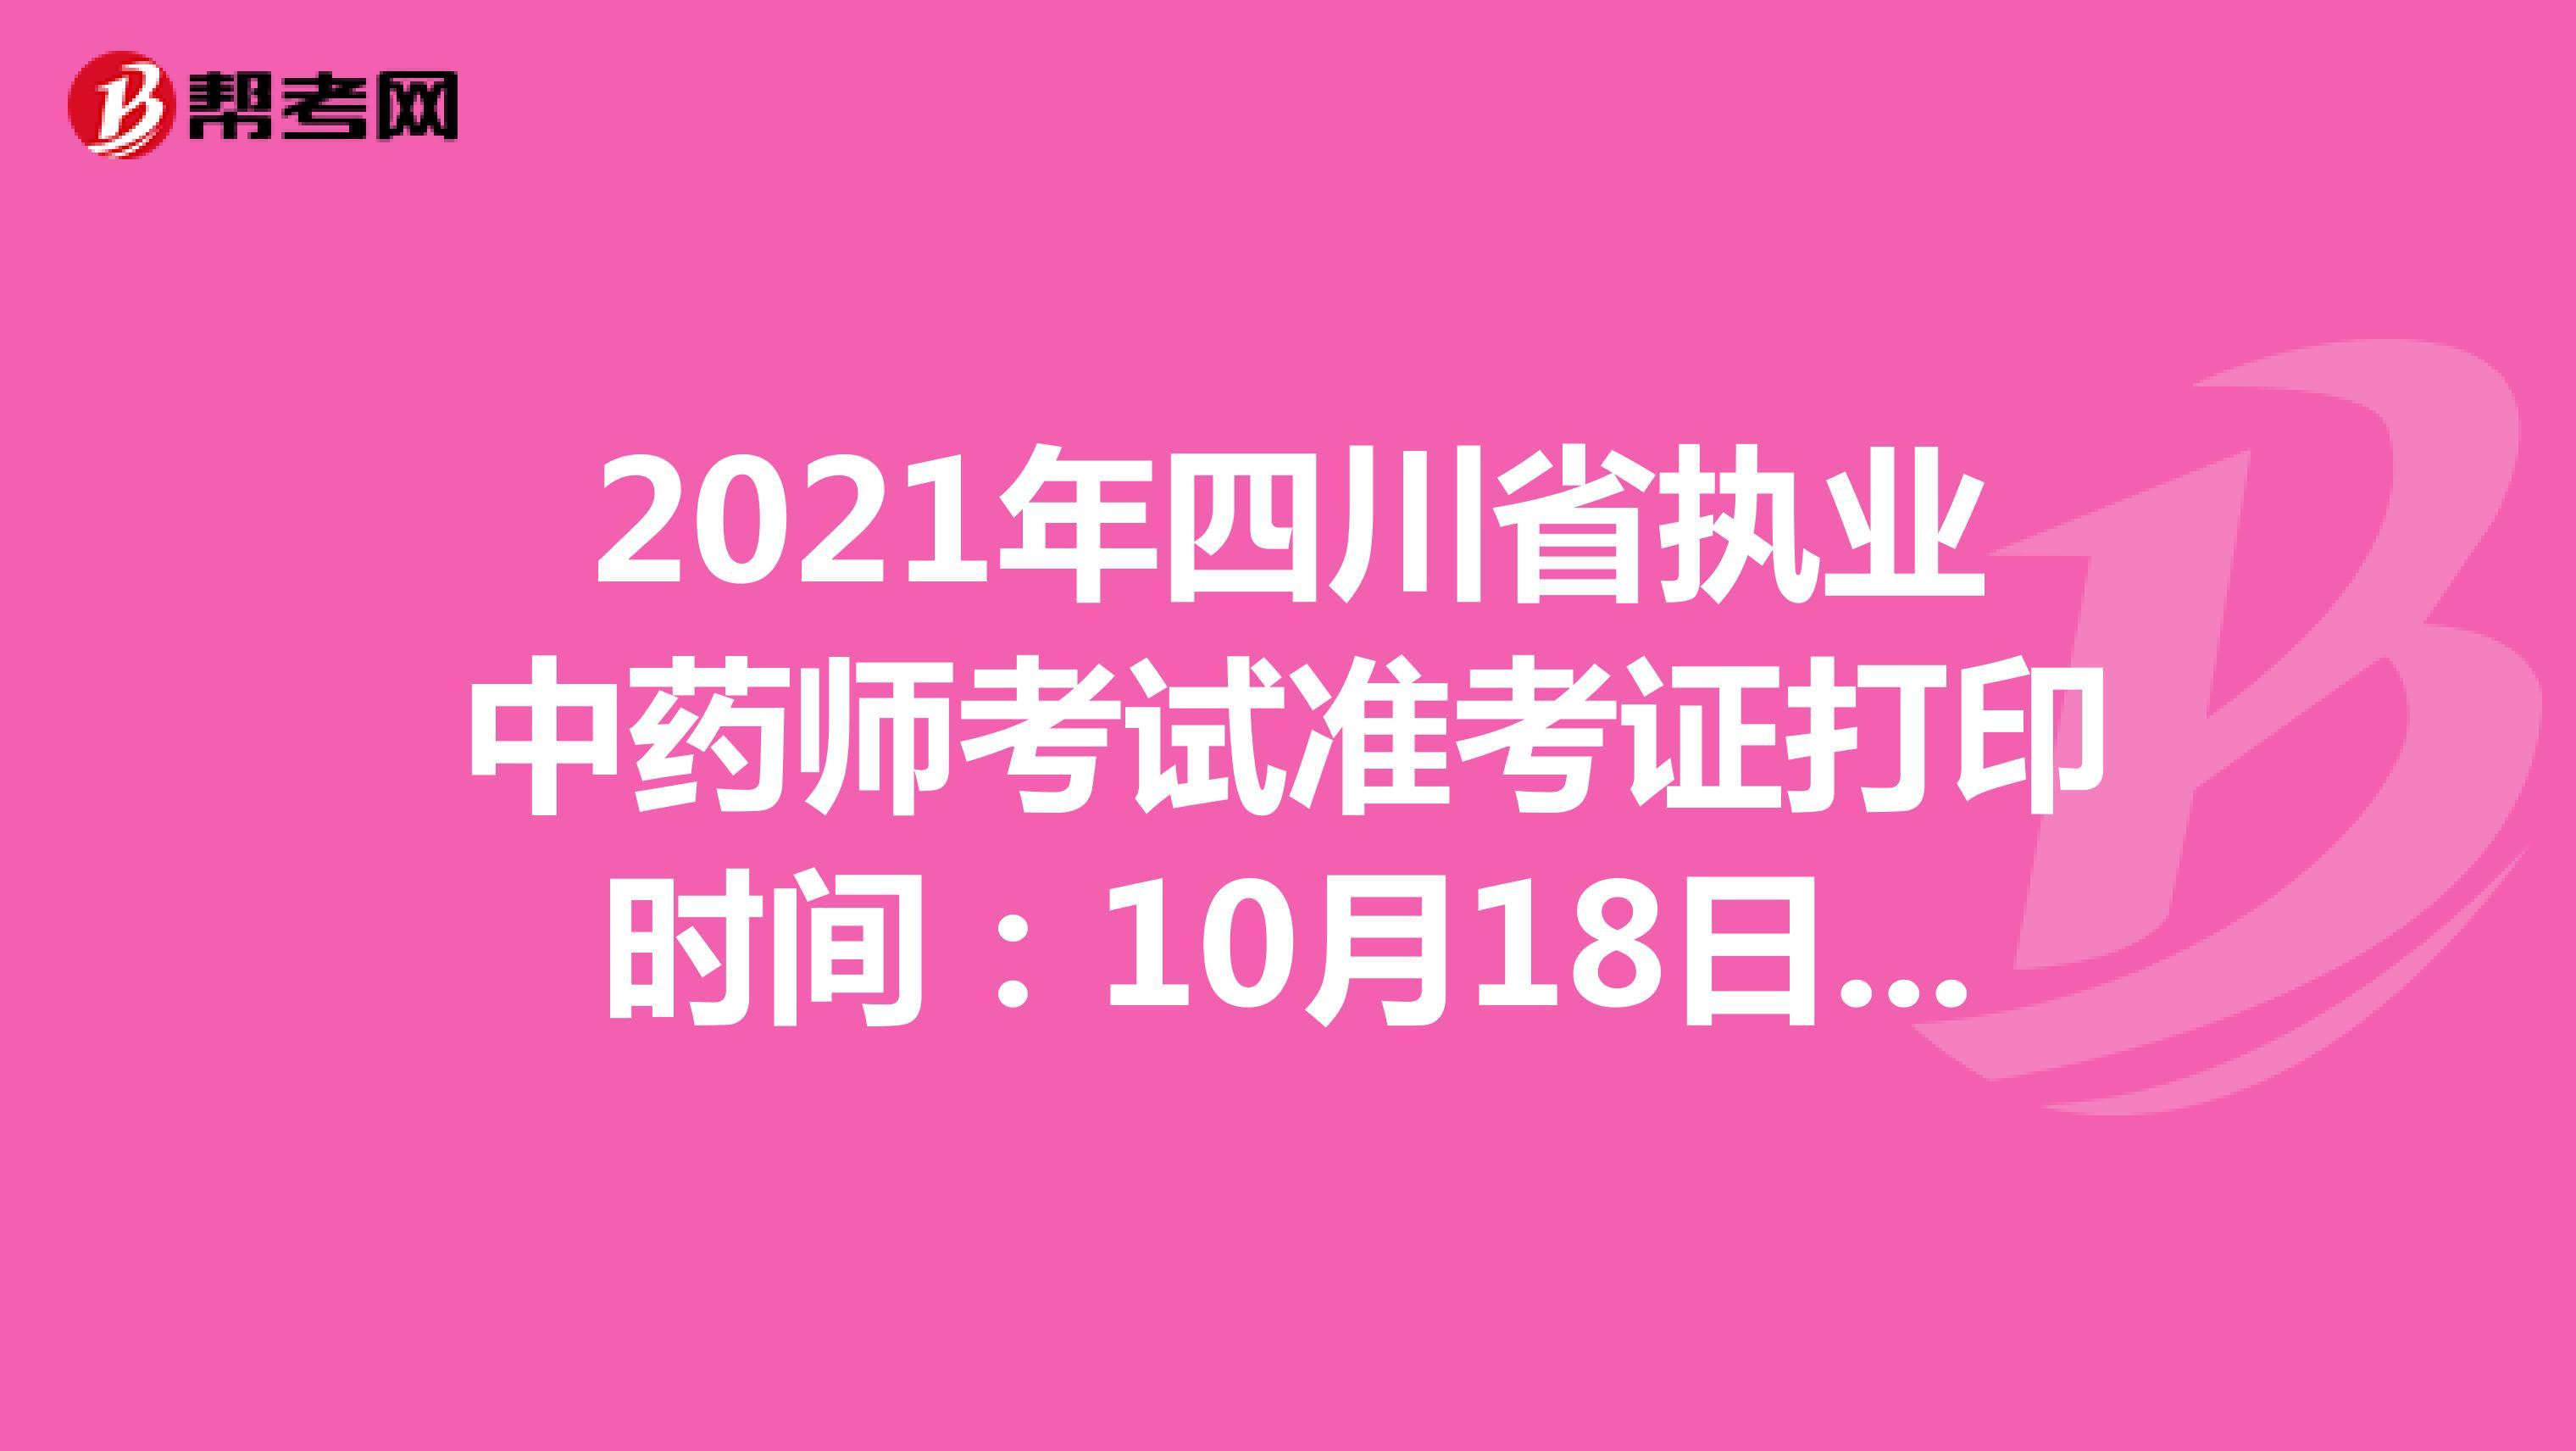 2021年四川省执业中药师考试准考证打印时间:10月18日-10月22日